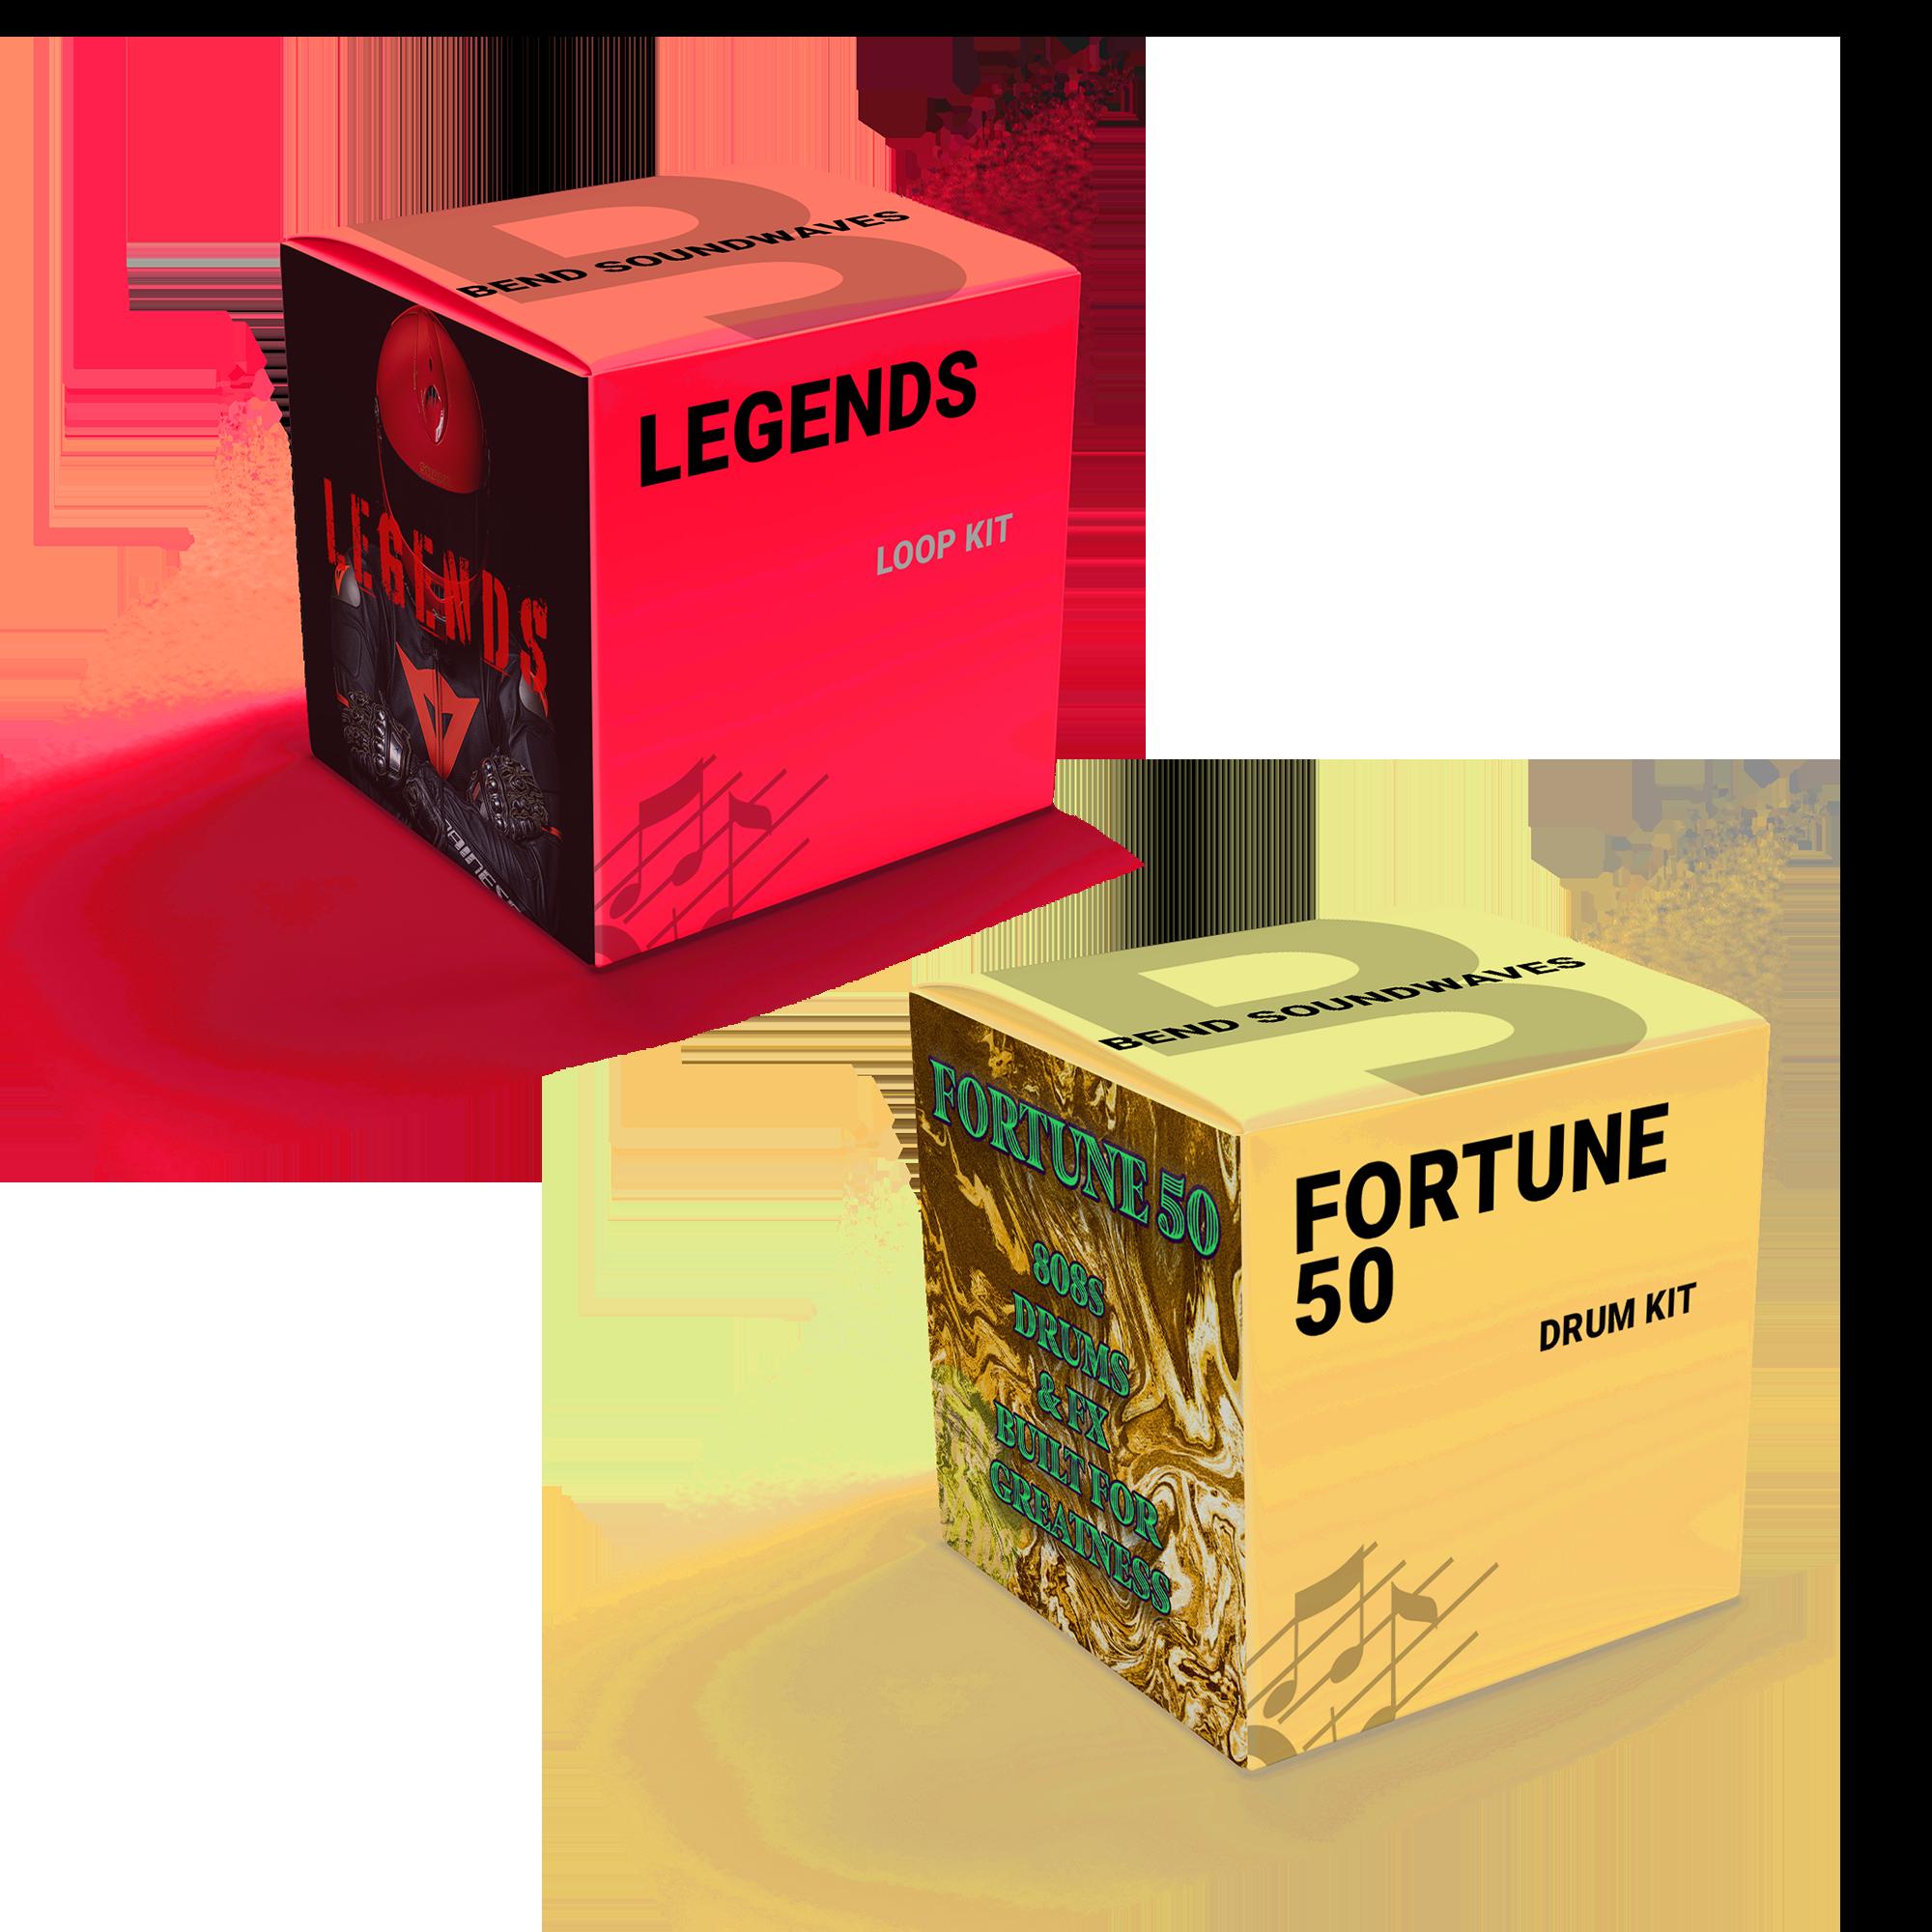 trap sounds bundle, fortune 50 drum kit, legends loop kit